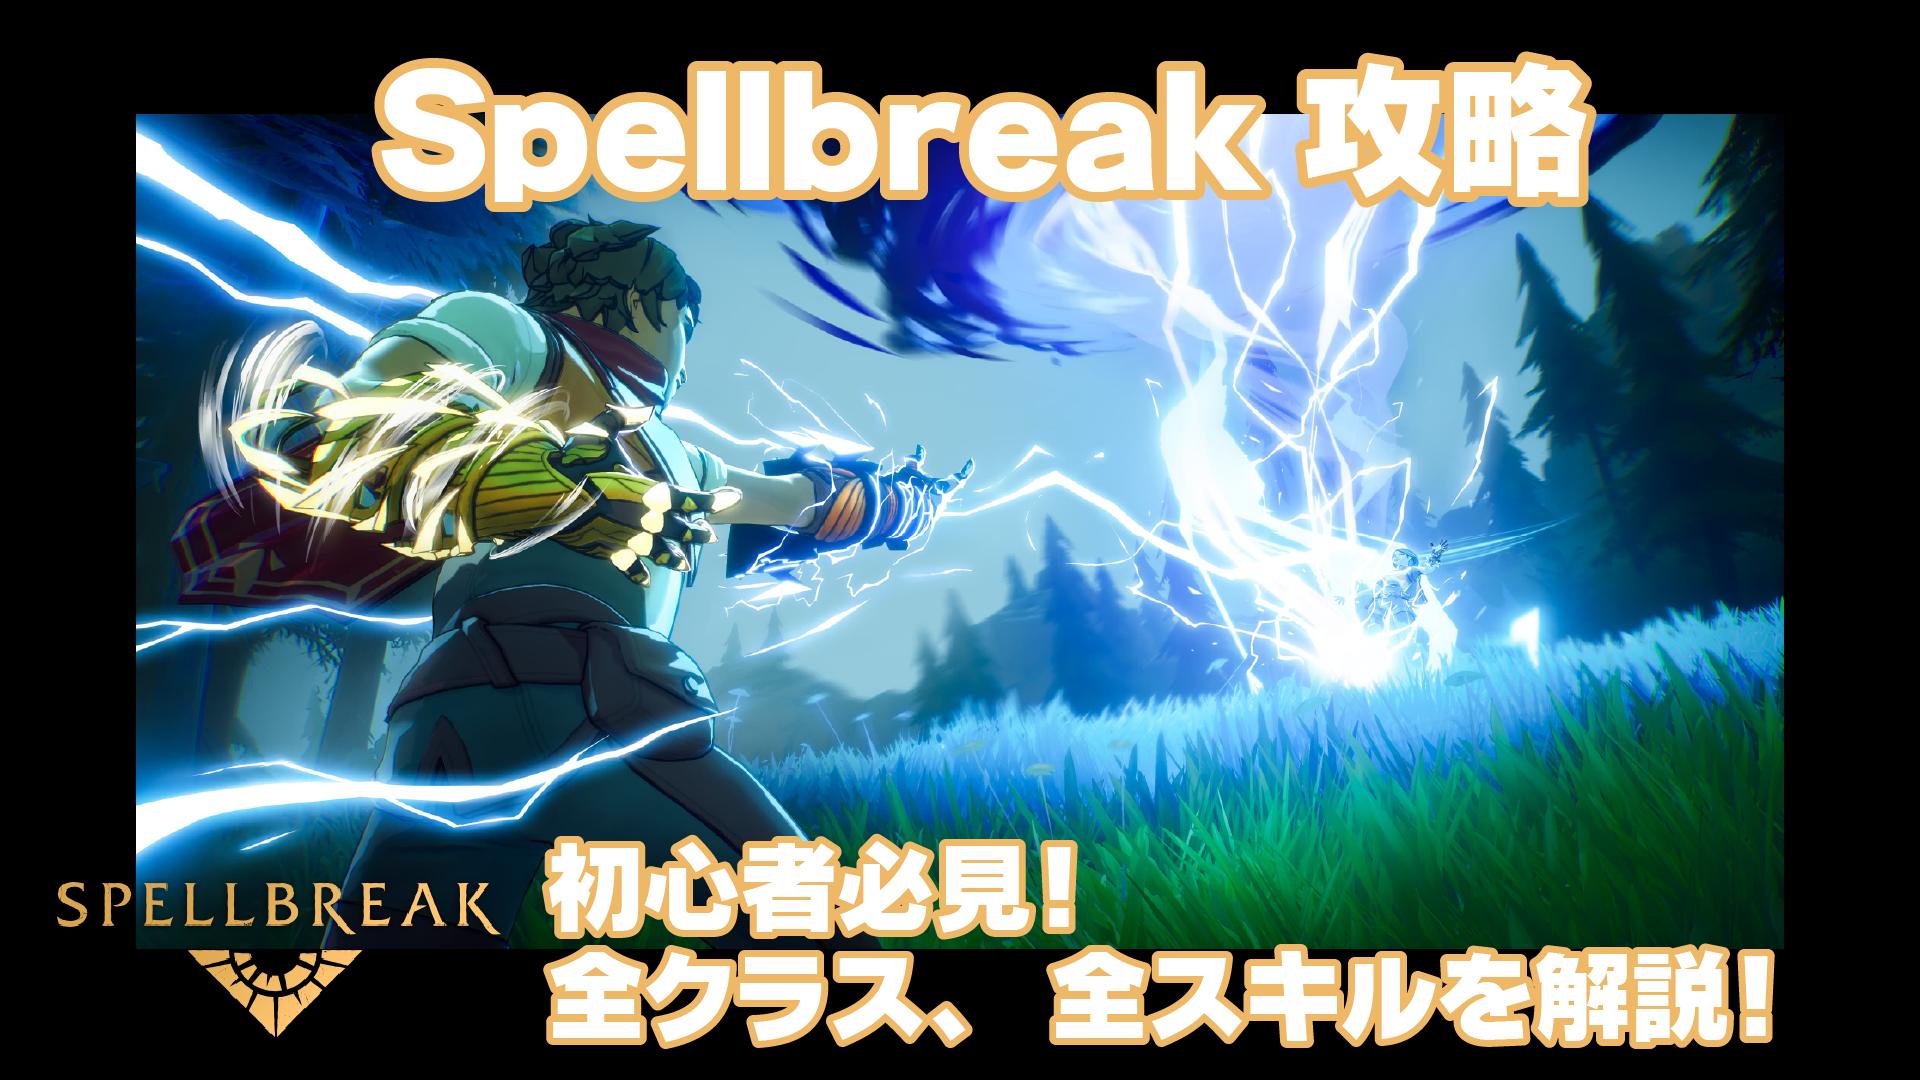 スペル ブレイク 攻略 スペルブレイク(spellbreak)徹底攻略!|なしがえるのゲーム攻略ブ...